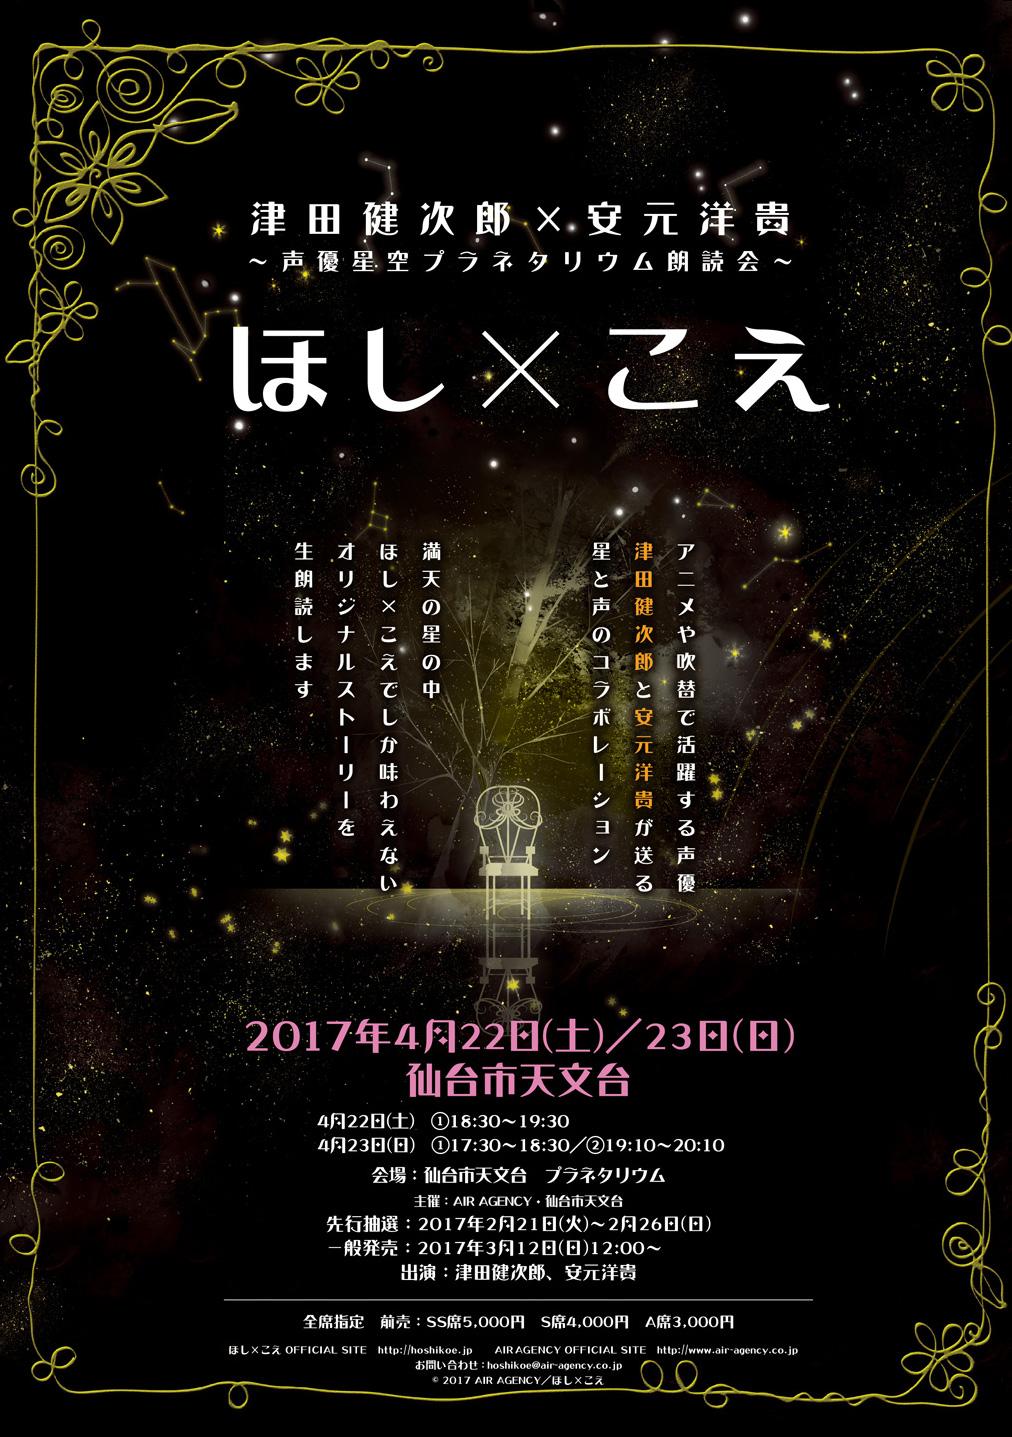 ほし×こえ【津田健次郎×安元洋貴】仙台公演